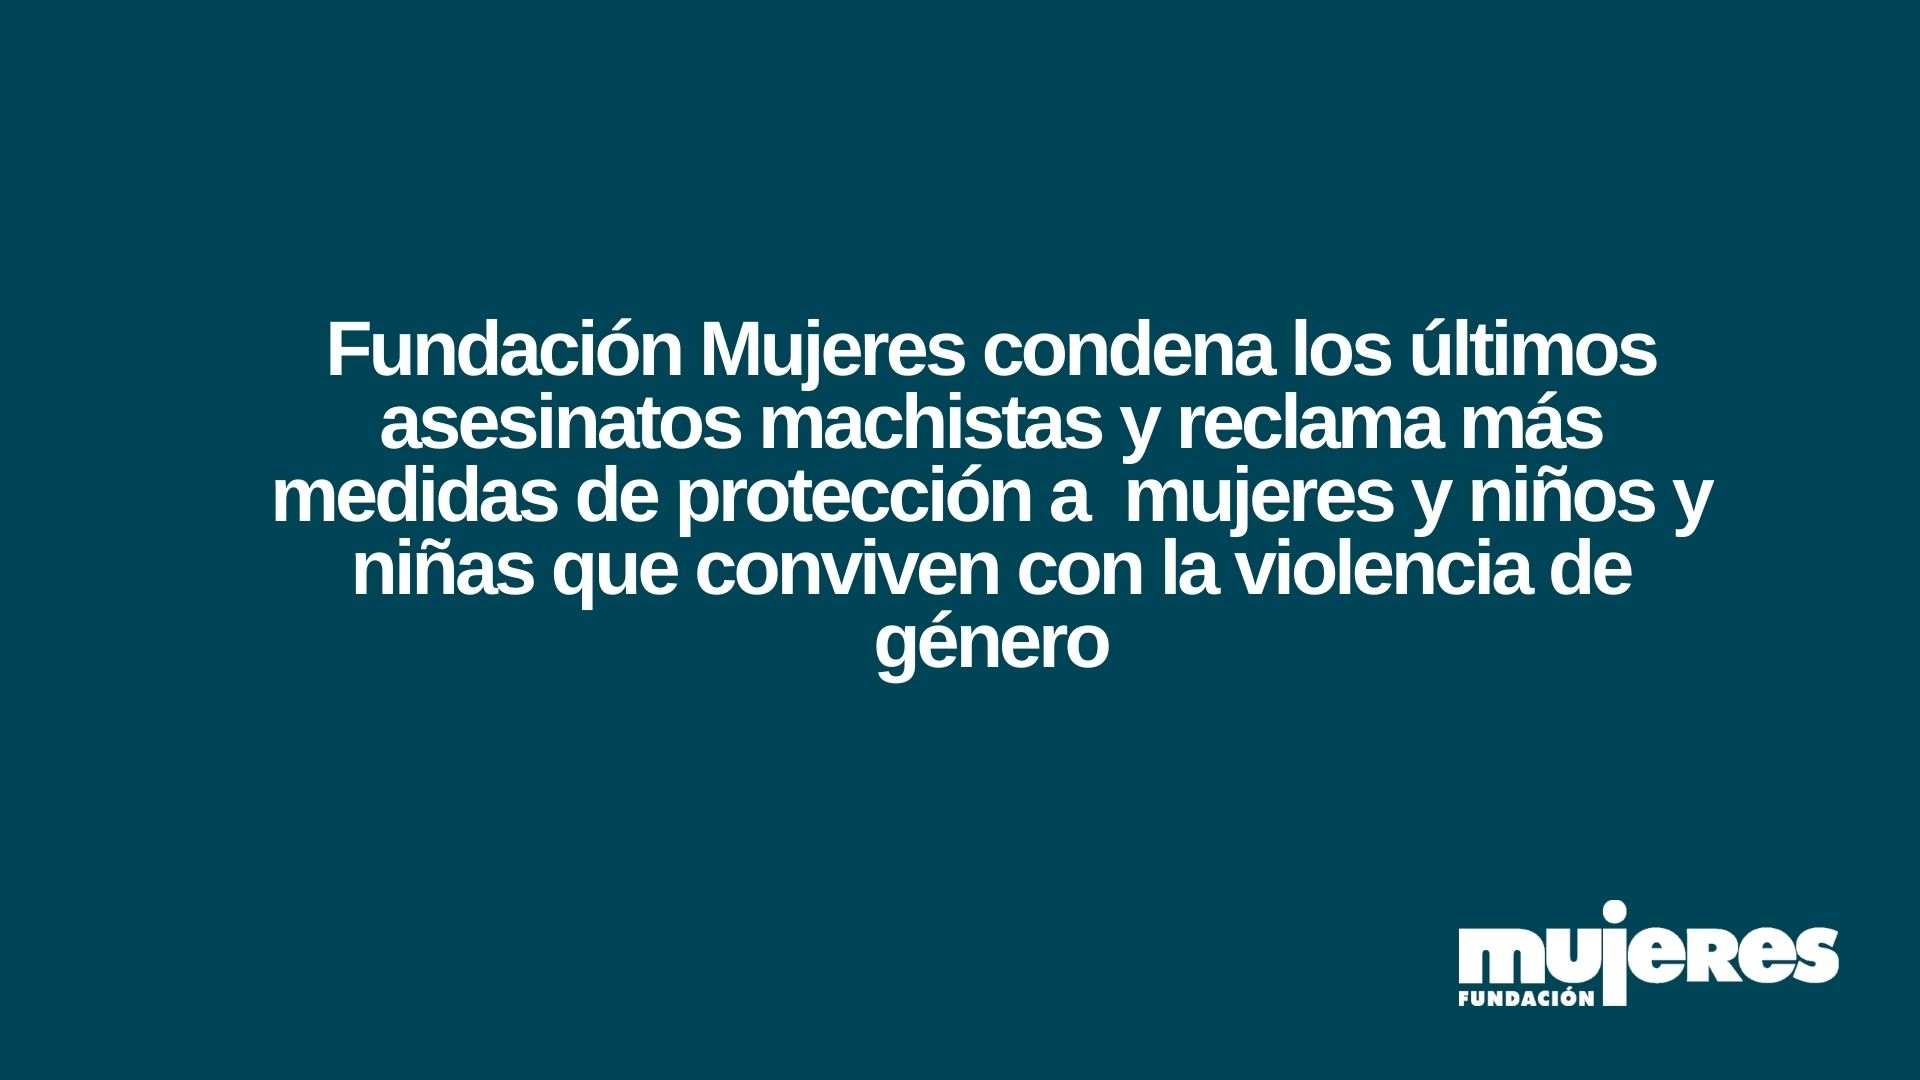 Fundación Mujeres condena los últimos asesinatos machistas y reclama más medidas de protección a mujeres y niños y niñas que conviven con la violencia de género